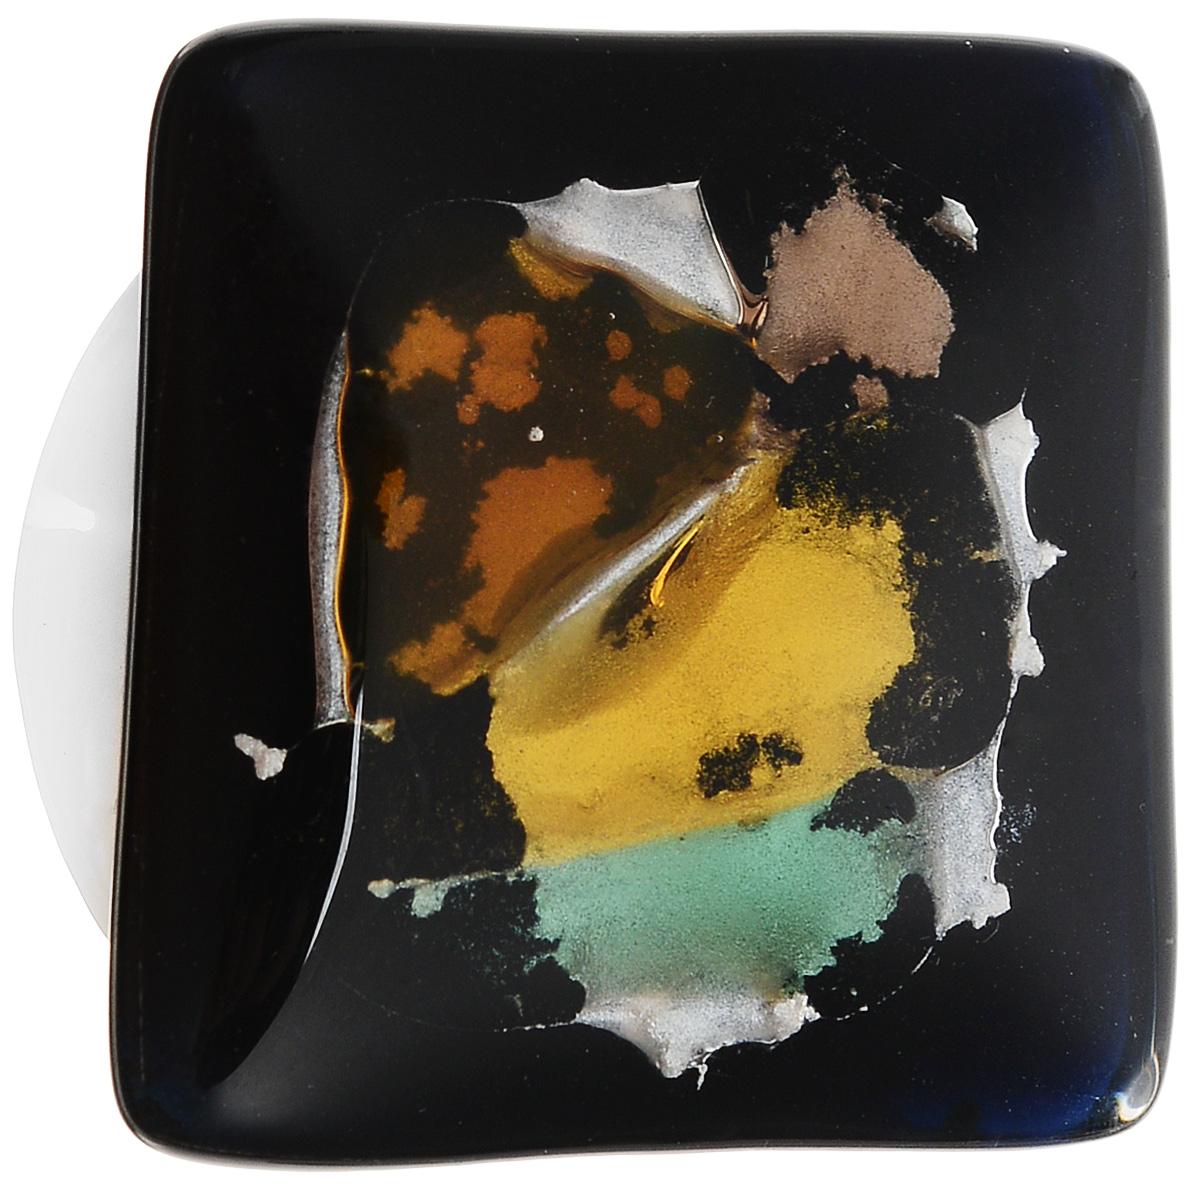 Брошь Сотворение мира. Муранское стекло, магнит, ручная работа. Murano, Италия (Венеция)НПО 070217-10Брошь Сотворение мира. Муранское стекло, магнит, ручная работа. Murano, Италия (Венеция). Размер - 3 х 3 см. Тип крепления - магнит. Брошь можно носить на одежде, шляпе, рюкзаке или сумке. Каждое изделие из муранского стекла уникально и может незначительно отличаться от того, что вы видите на фотографии.